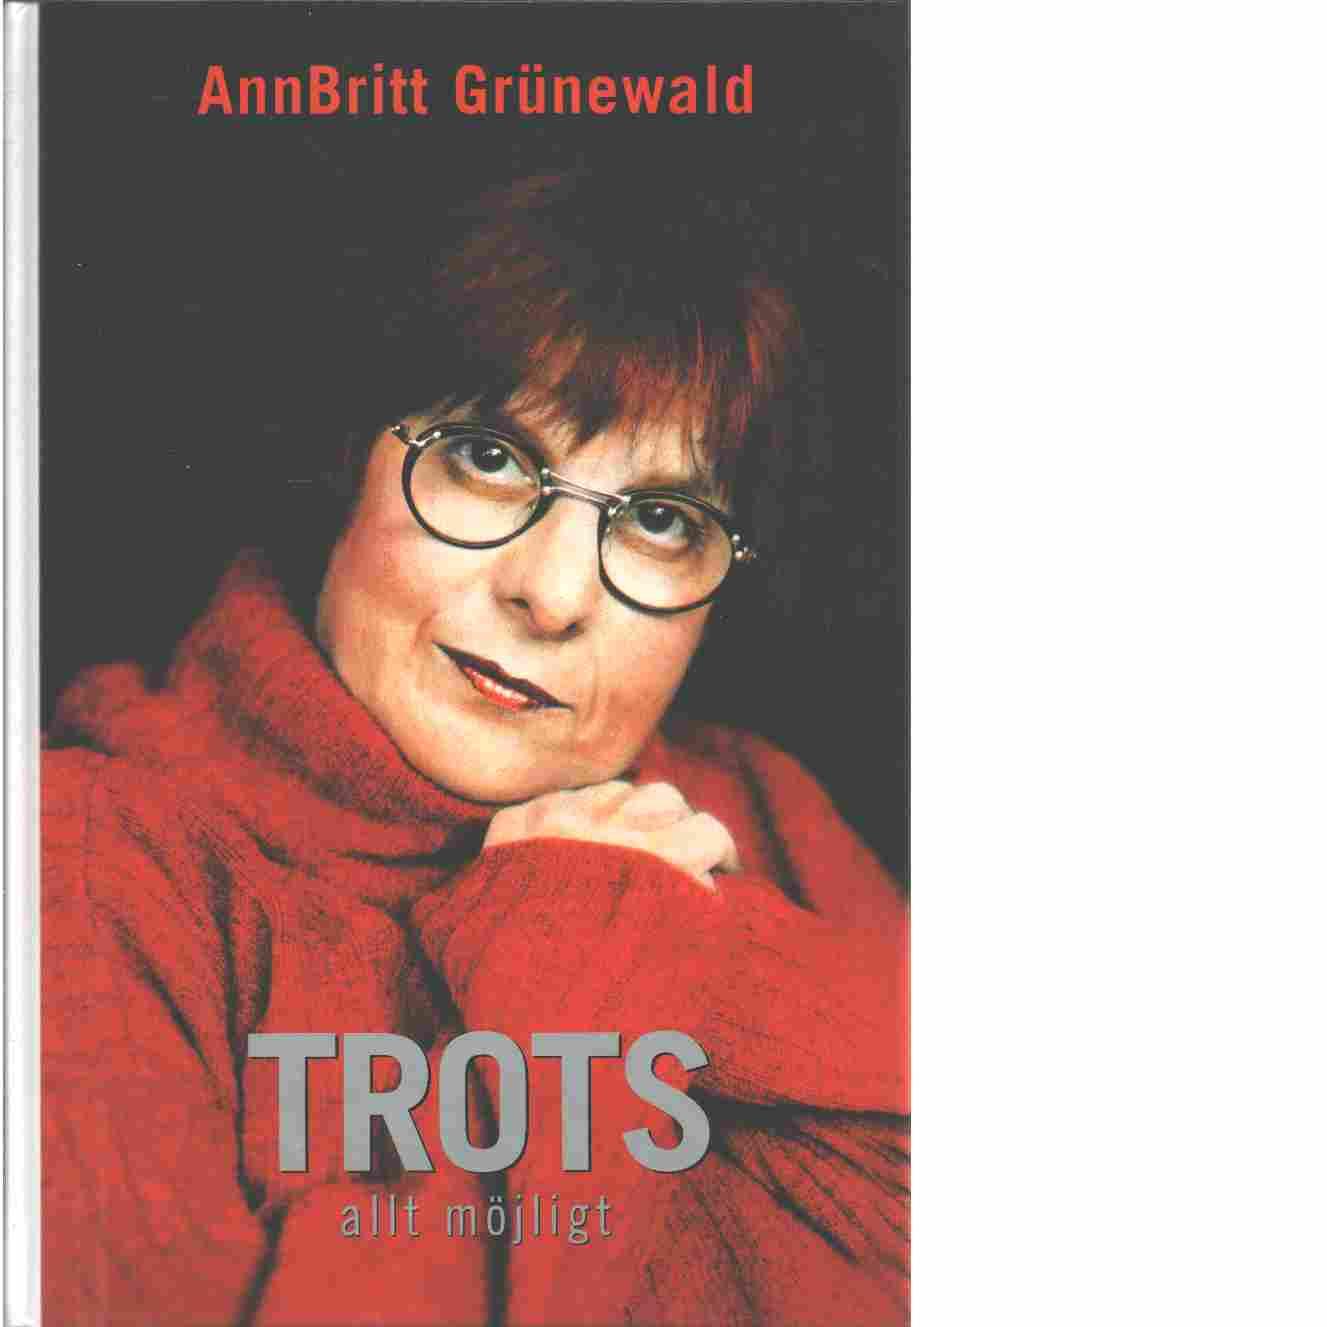 Trots allt möjligt : rädda barnen - bekämpa kriminaliteten - Grünewald, AnnBritt